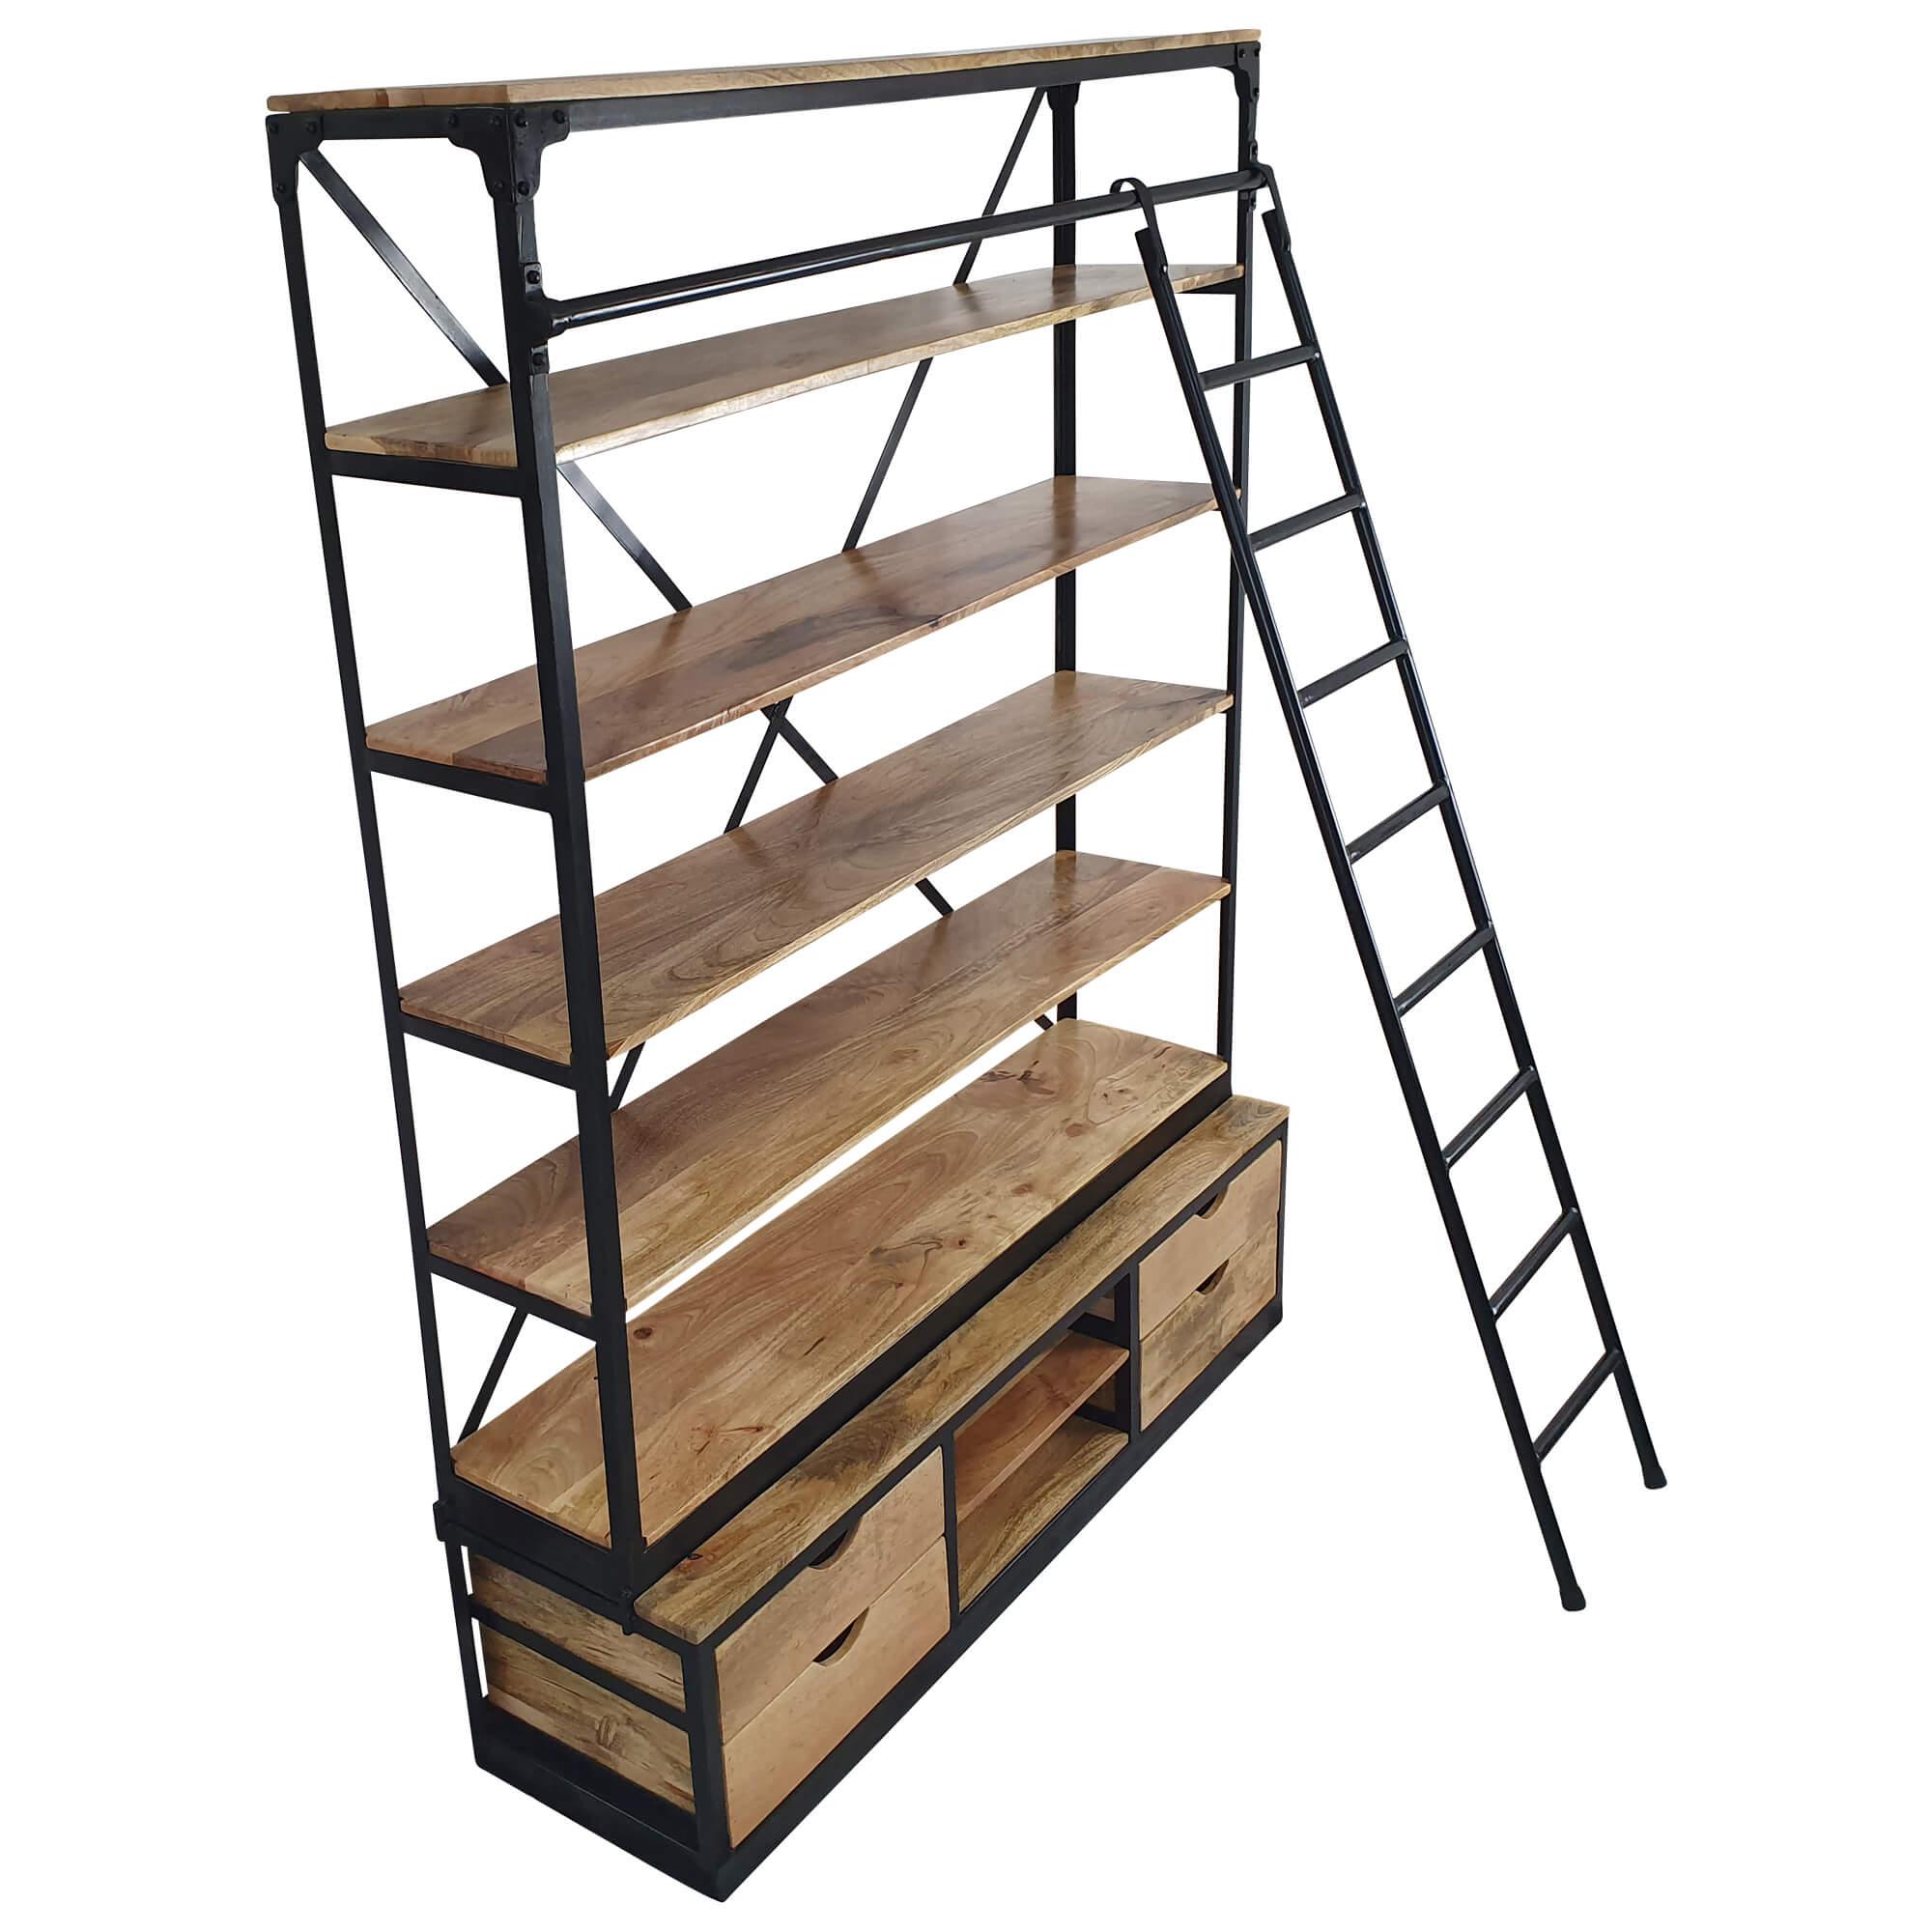 Full Size of Regalsystem Keller Metall Regal Holz Diy Caseconradcom Regale Bett Für Weiß Wohnzimmer Regalsystem Keller Metall